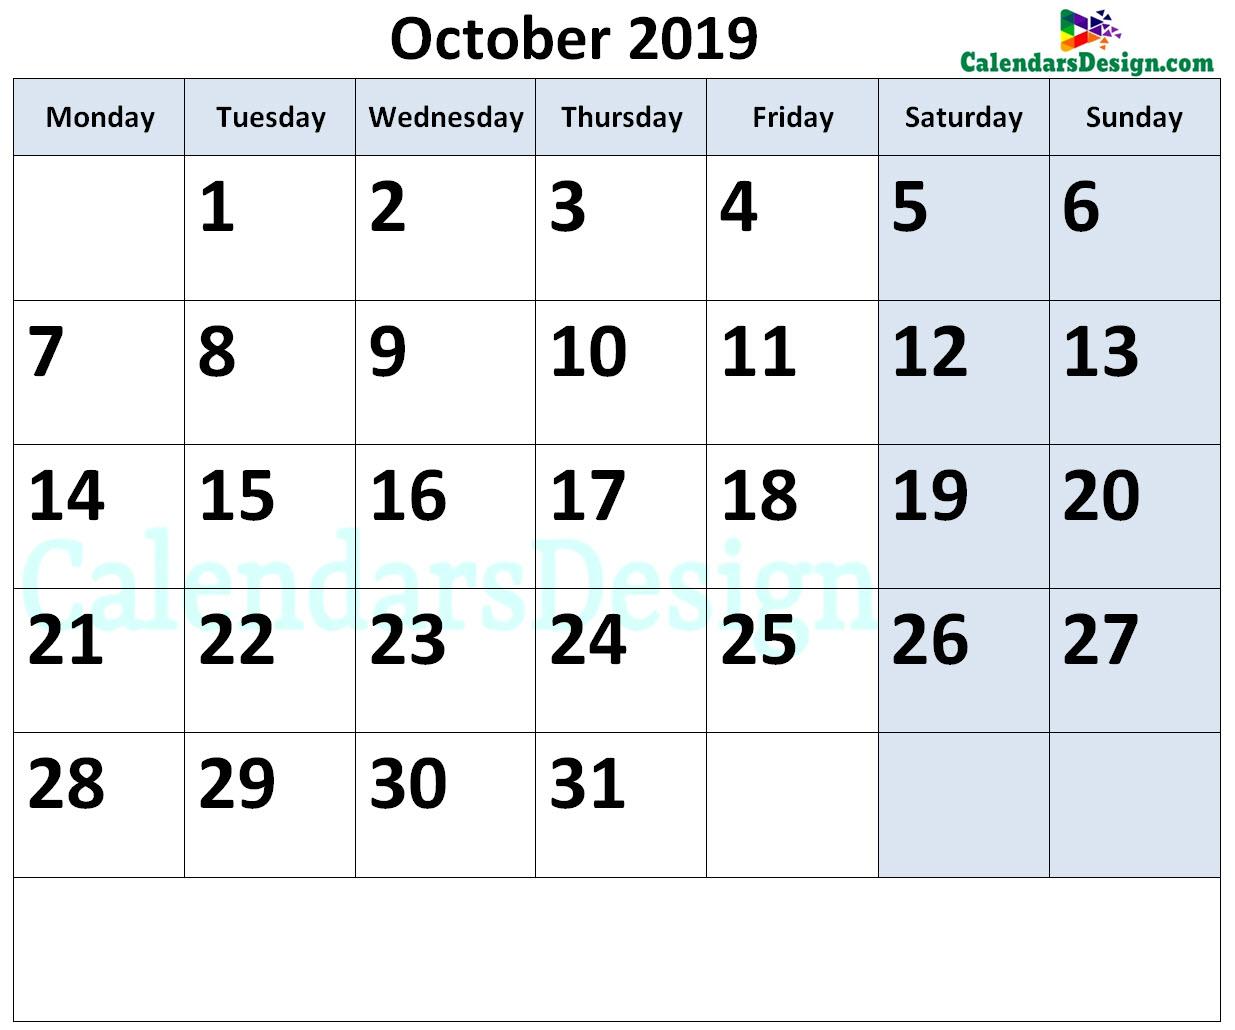 October Calendar 2019.October Calendar 2019 Page Free 2019 Printable Calendar Templates